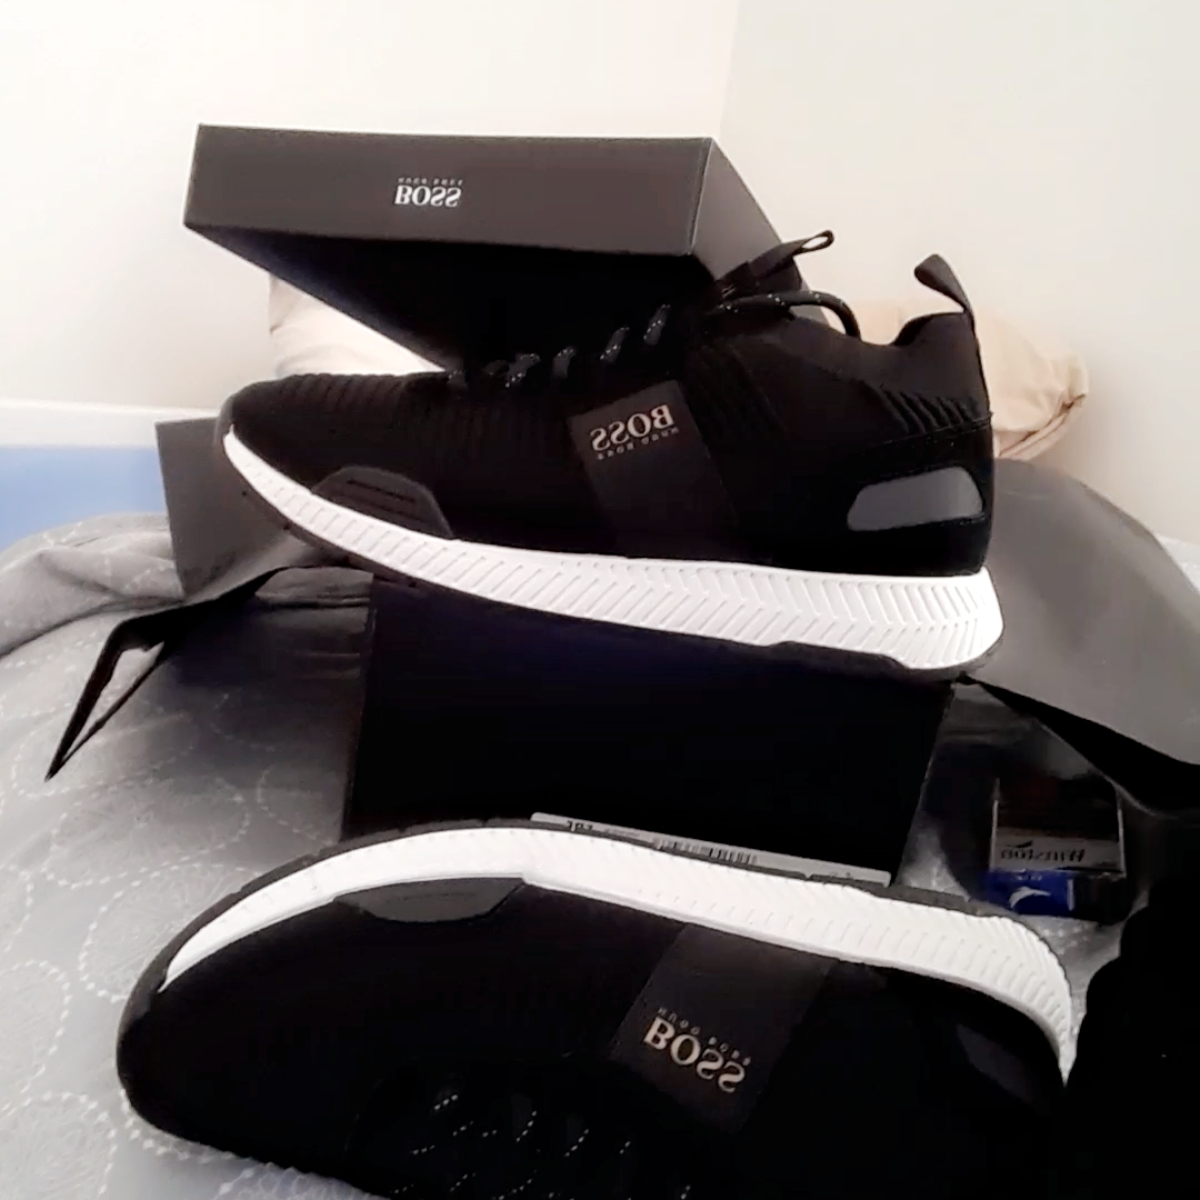 Helt nya hugoboos skor som är storlek 42 Herr. Jag vill sälja de för att de är lite för små för mig kvitto finns. Skor.